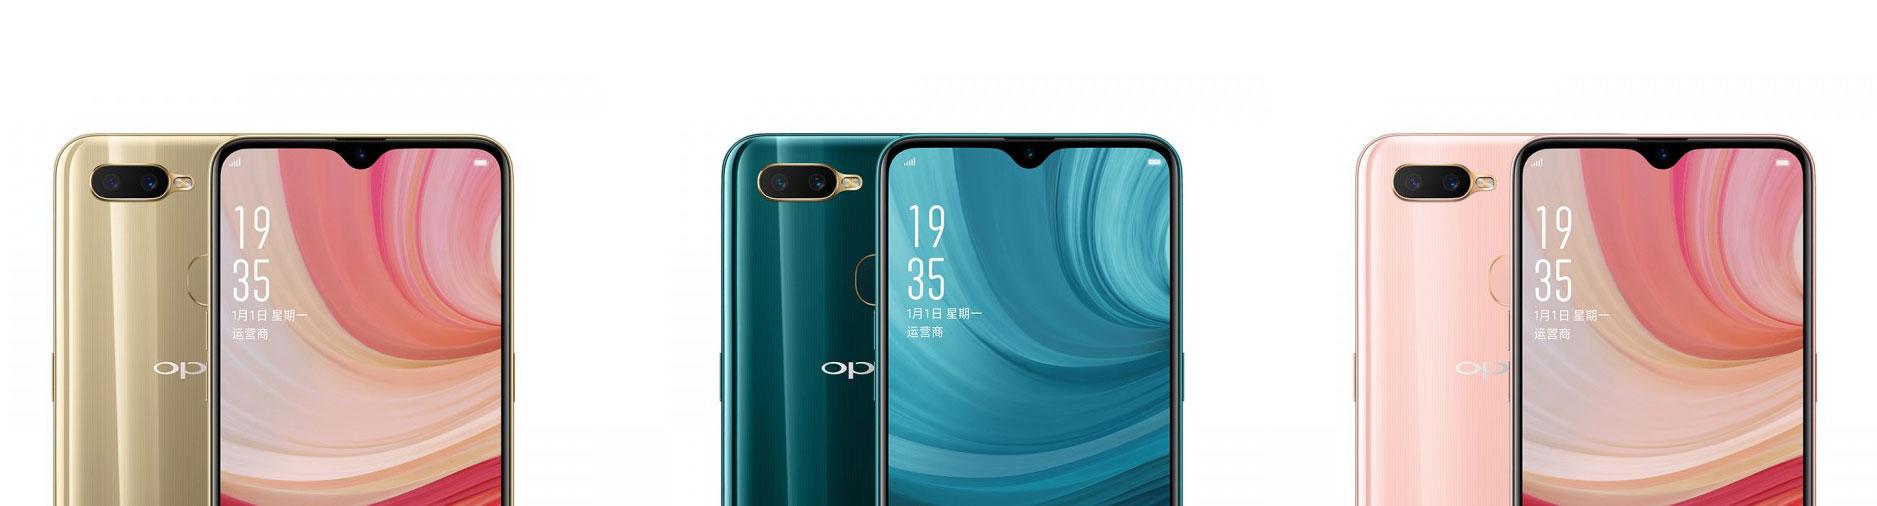 اوپو ای ۷ (Oppo A7)